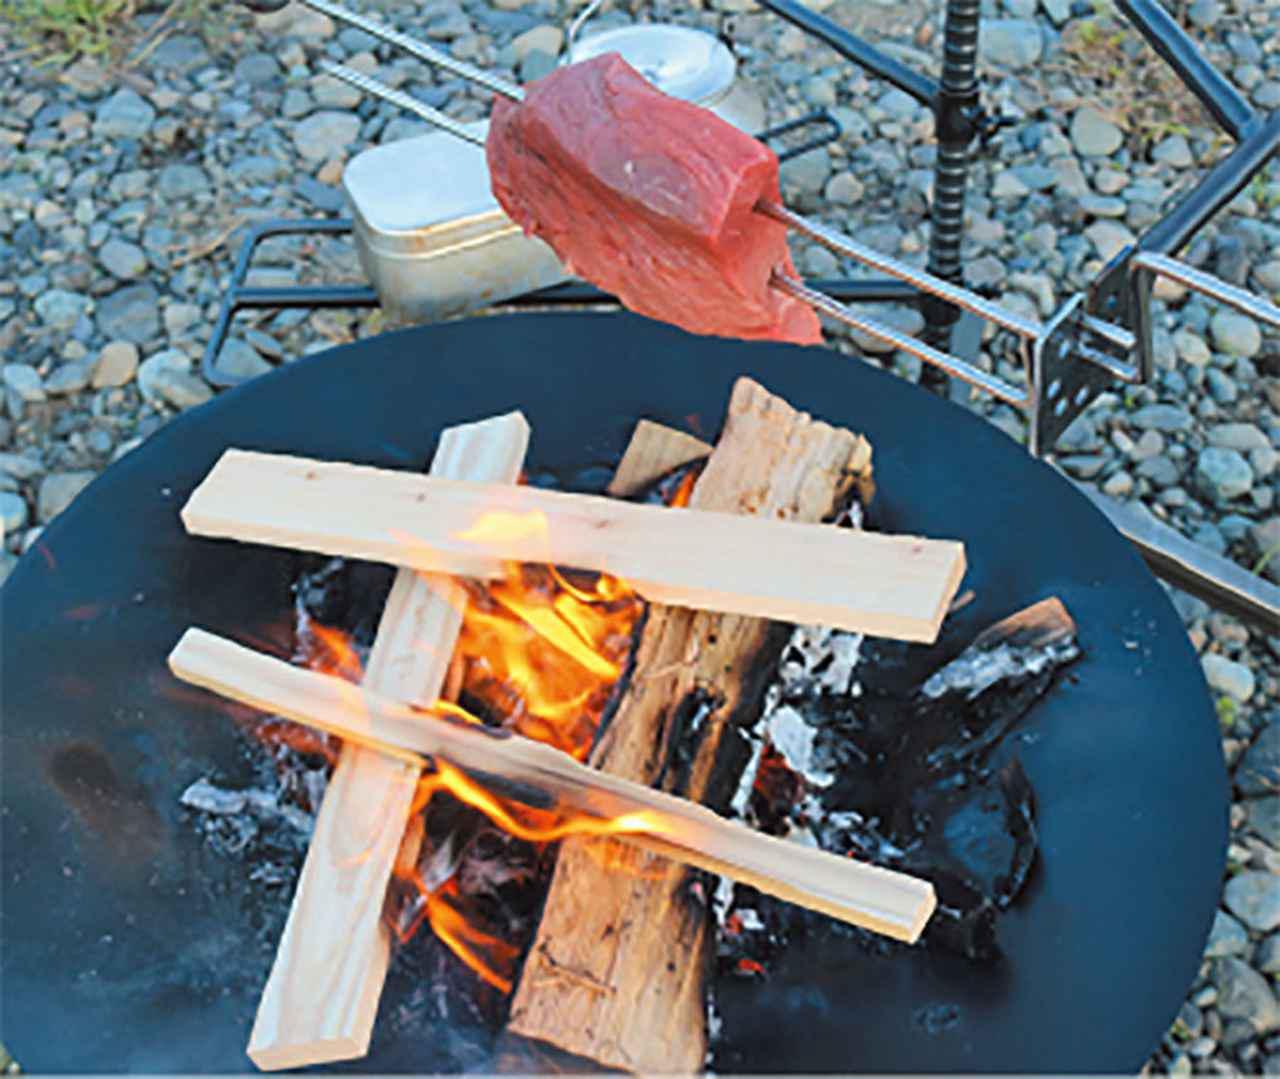 画像1: 「なぜ直火NGのキャンプ場とOKのキャンプ場がある?」